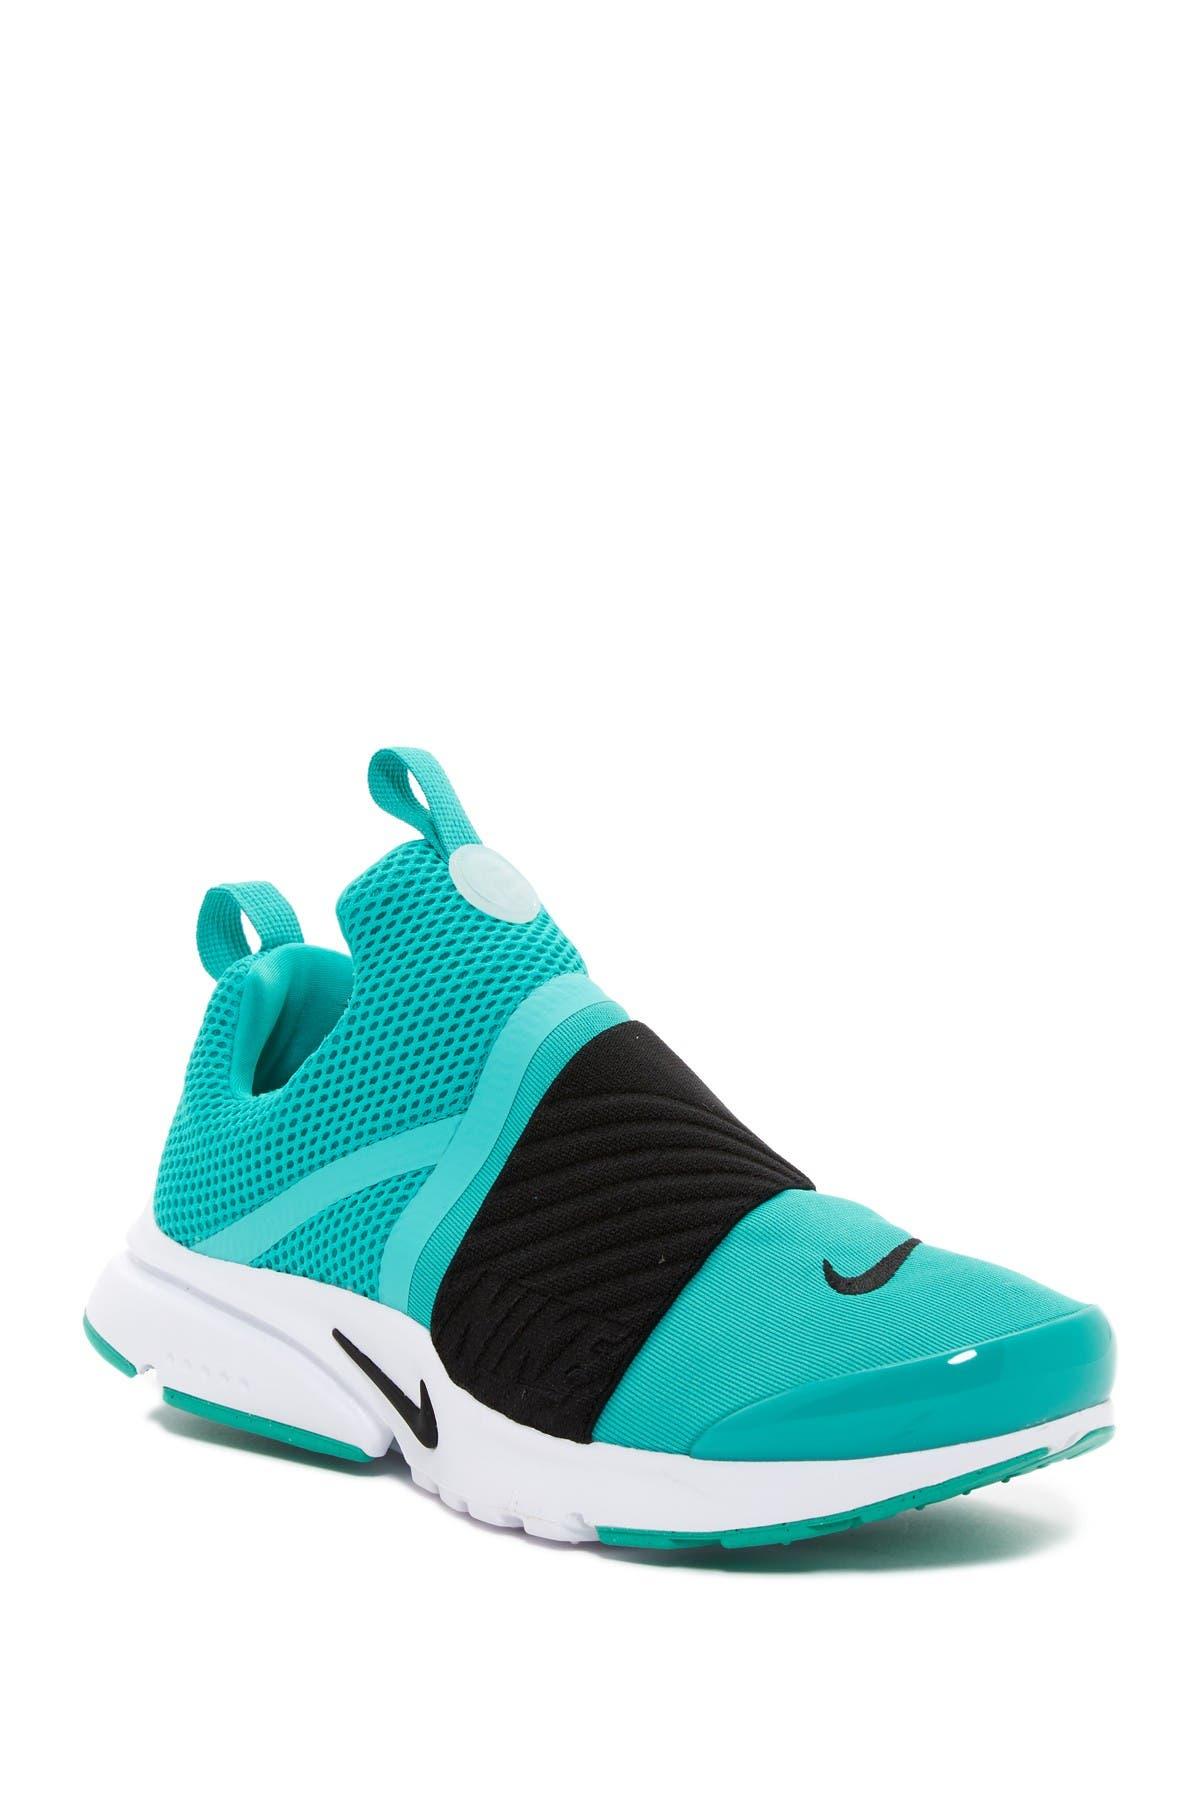 Image of Nike Presto Extreme Sneaker